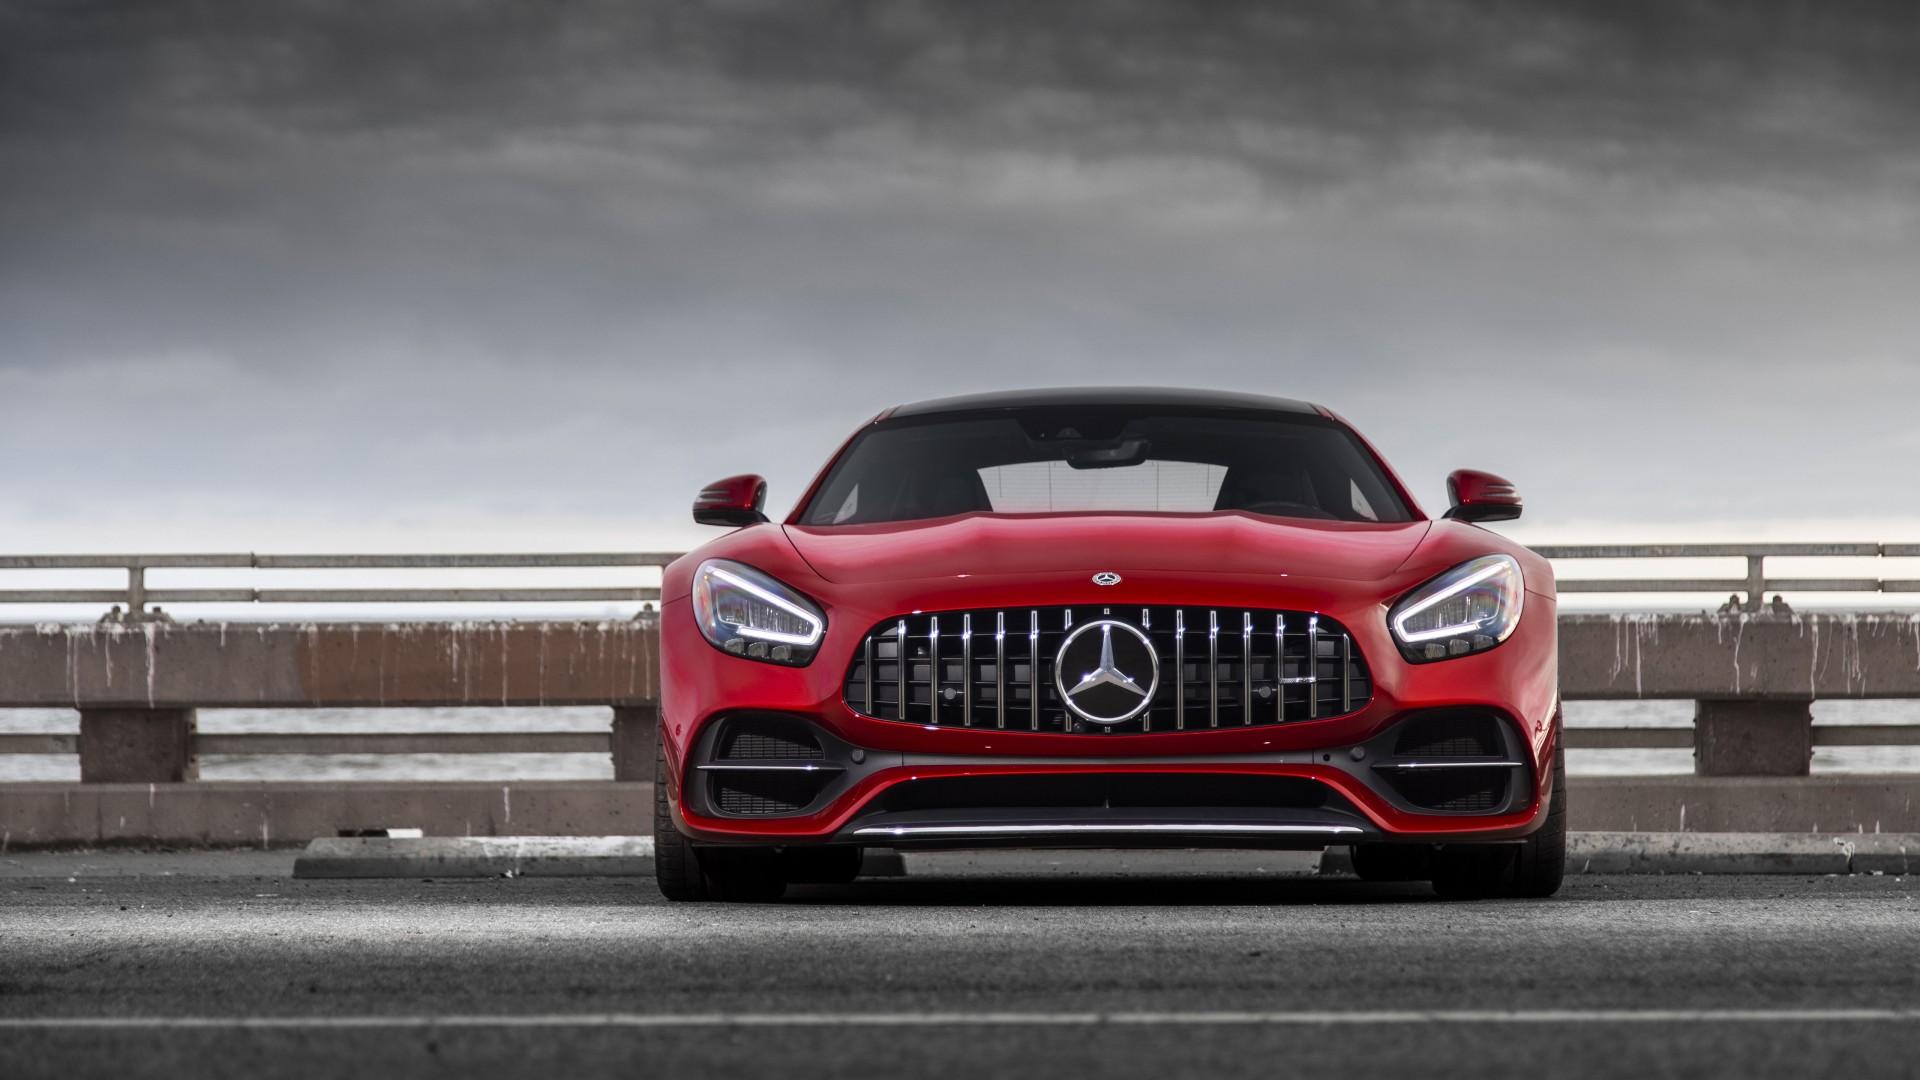 2020 Mercedes-AMG GT C 2019 4K Wallpaper | HD Car ...